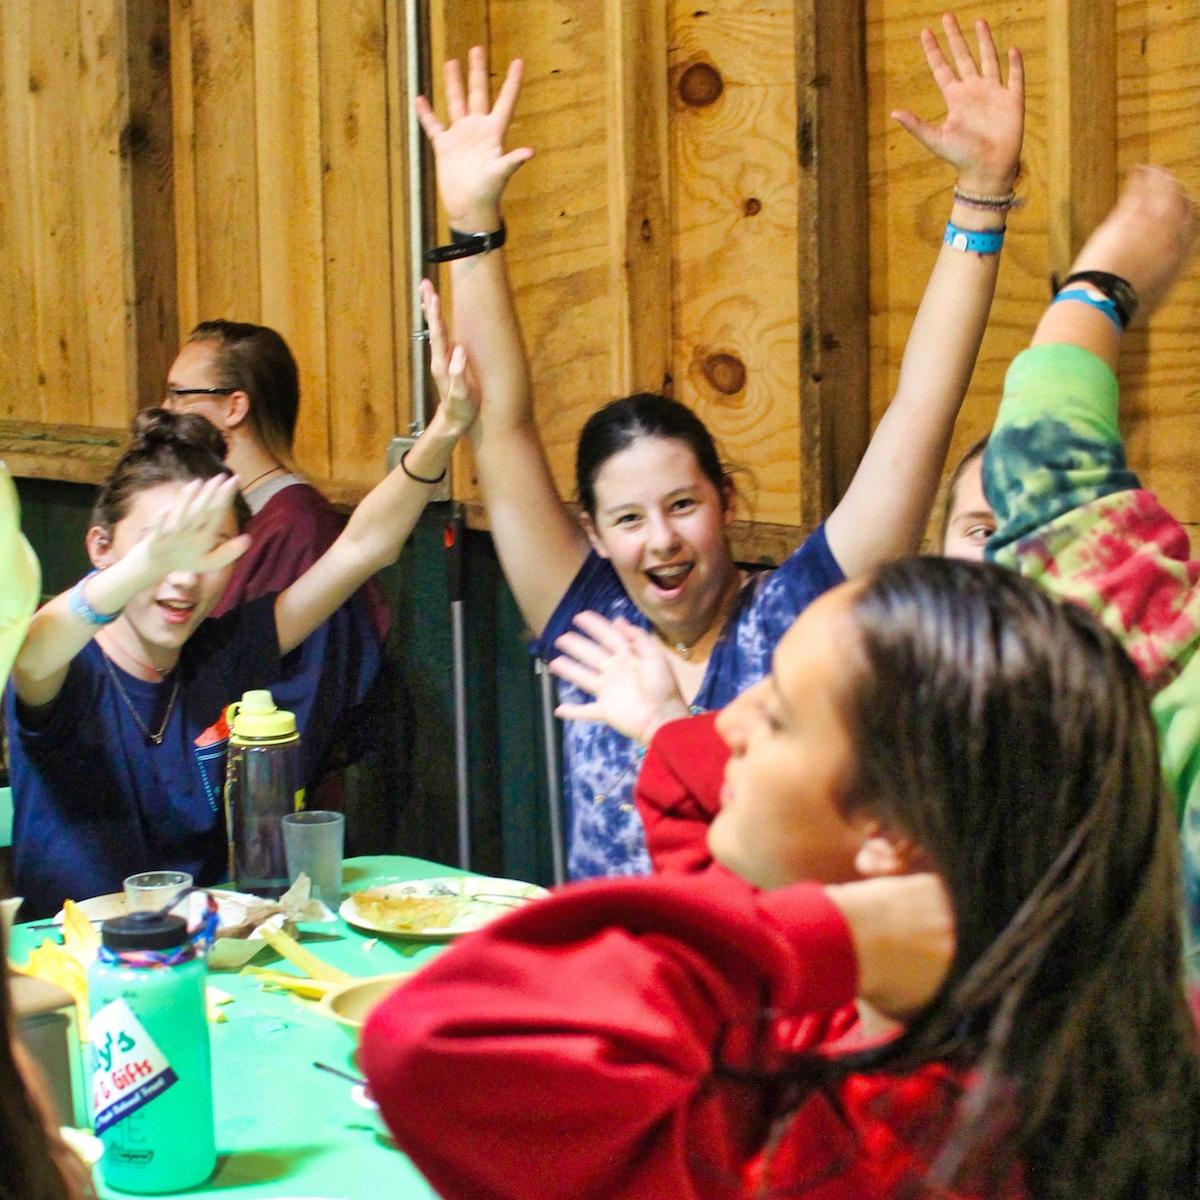 Rockbrook girl fiesta fun